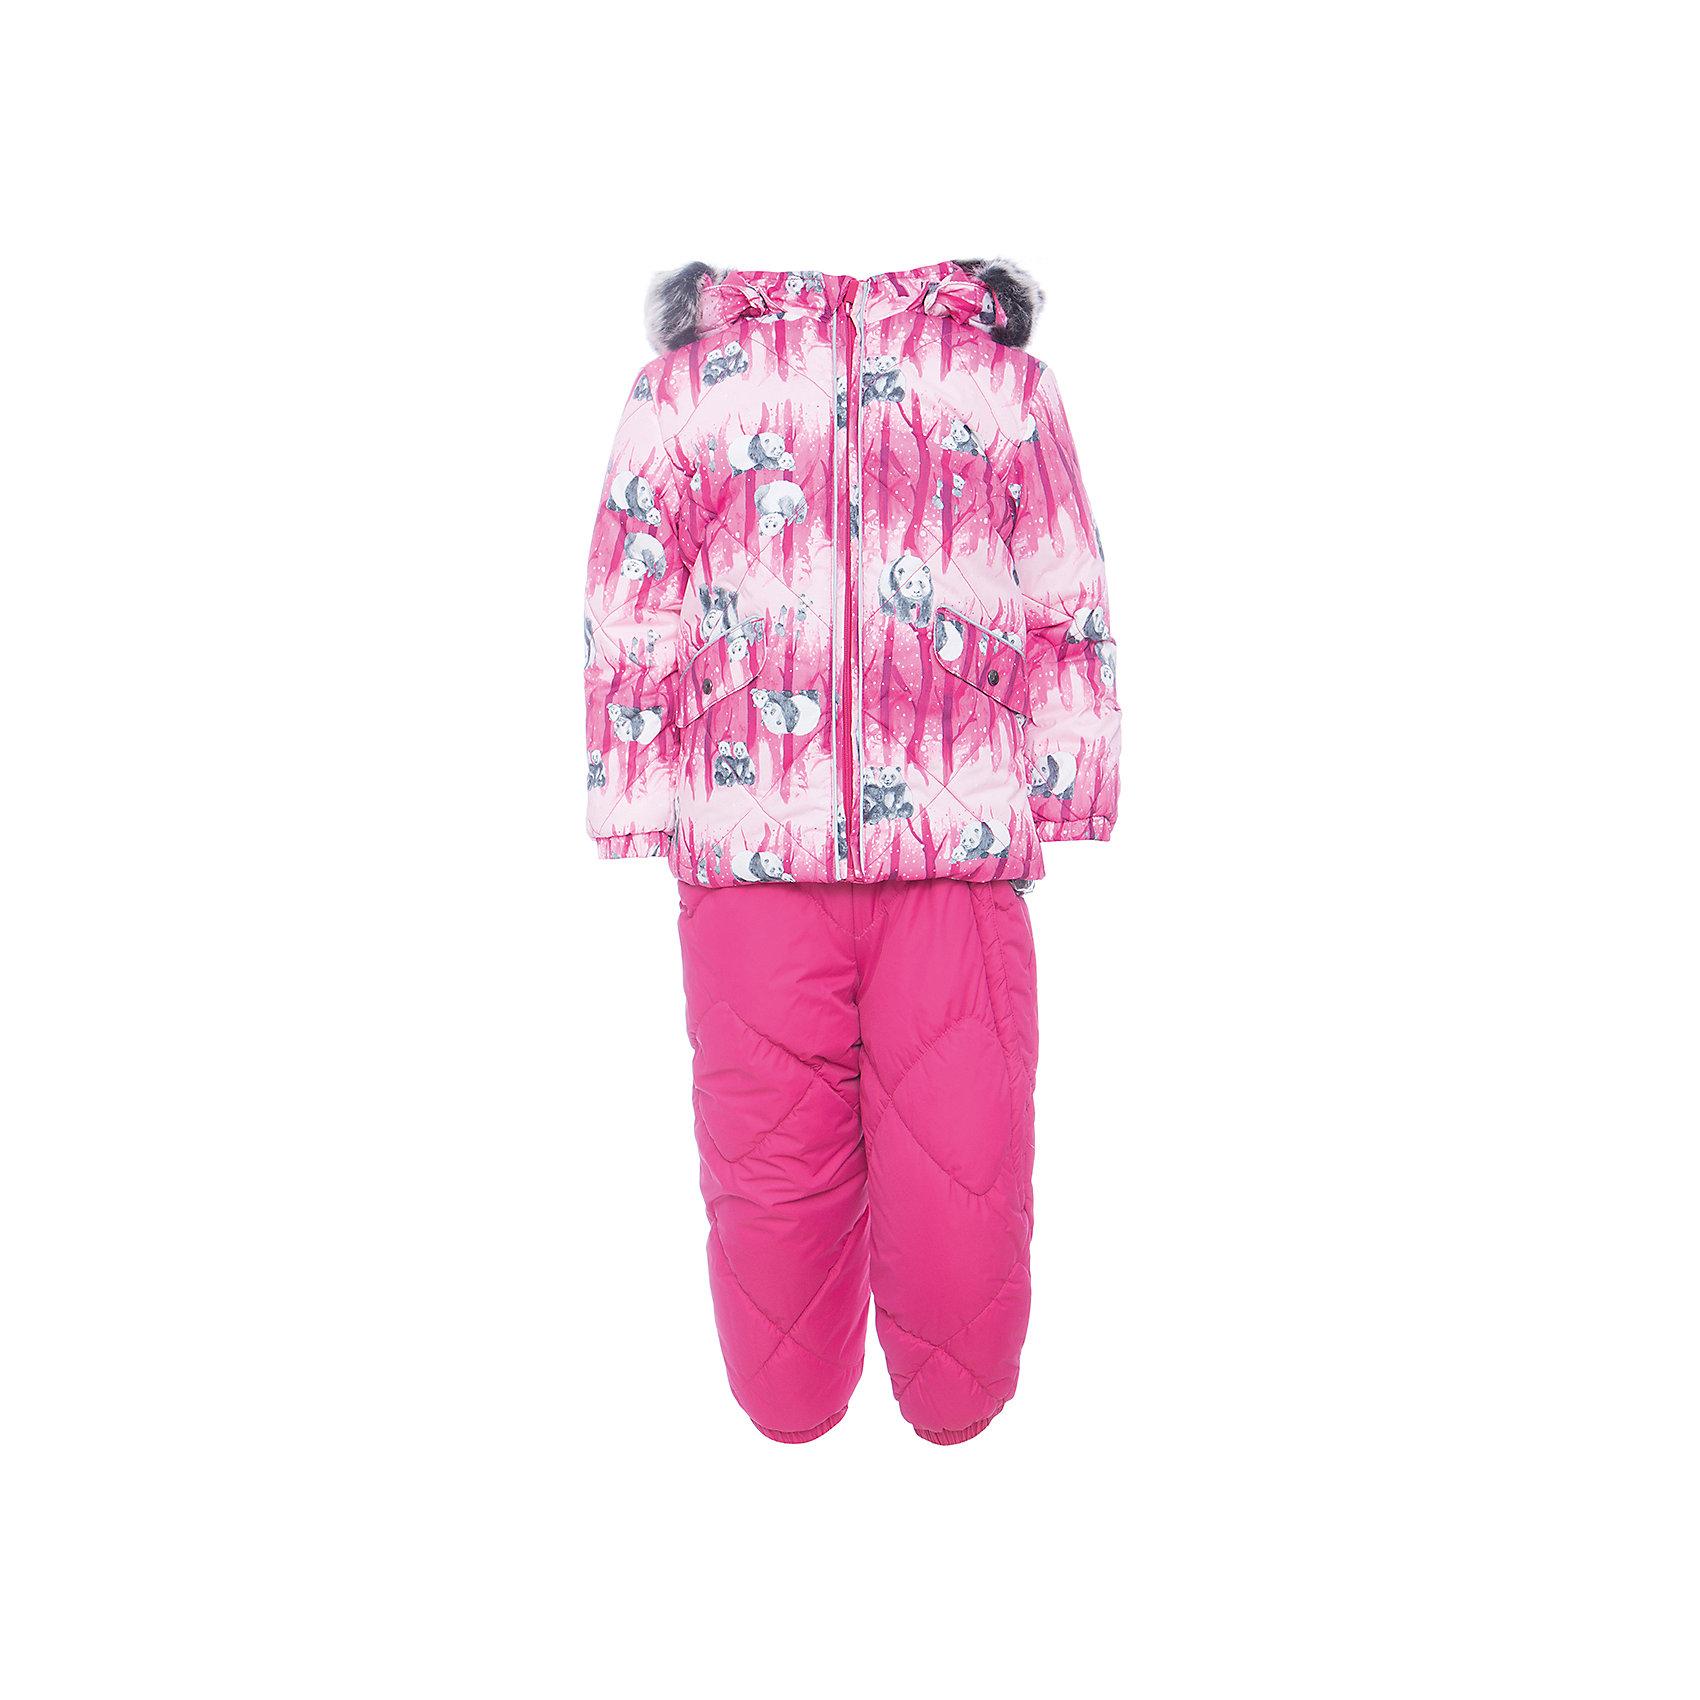 Комплект: куртка и брюки NOELLE 1 HuppaВерхняя одежда<br>Характеристики товара:<br><br>• модель: Noelle 1;<br>• цвет: фуксия;<br>• пол: девочка ;<br>• состав: 100% полиэстер;<br>• утеплитель: полиэстер, 300 гр куртка / 160гр брюки;<br>• подкладка: куртка: полиэстер - тафта / полукомбинезон: 100% хлопок - фланель;<br>• сезон: зима;<br>• температурный режим: от -5 до - 30С;<br>• водонепроницаемость: 5000 мм  ;<br>• воздухопроницаемость: 5000 г/м2/24ч;<br>• водо- и ветронепроницаемый, дышащий и грязеотталкивающий материал;<br>• особенности модели: c рисунком; с мехом;<br>• капюшон при необходимости отстегивается;<br>• искусственный мех на капюшоне съемный ;<br>• защита подбородка от защемления;<br>• светоотражающих элементов для безопасности ребенка ;<br>• карманы на кнопках;<br>• манжеты рукавов на резинке; <br>• манжеты брюк на резинках;<br>• съемные силиконовые штрипки;<br>• внутренняя регулировка обхвата талии;<br>• страна бренда: Финляндия;<br>• страна изготовитель: Эстония.<br><br>Зимний комплект Noelle 1 для девочки бренда HUPPA влагонепроницаемый и дышащий. Куртка с утеплителем 300 гр и брюки с утеплителем 160 гр подойдут на температуру от -5 до -30 градусов. Подкладка —фланель - 100% хлопок,тафта.<br><br>Функциональные элементы: Куртка: капюшон отстегивается с помощью кнопок, мех отстегивается, защита подбородка от защемления, мягкая меховая подкладка, карманы на кнопках, манжеты на резинке, светоотражающие элементы. Брюки: регулируемые лямки, удлиненная косая молния, карман без застежек, подол штанин на резинке, съемные силиконовые штрипки, светоотражающие элементы. <br><br>Зимний комплект Noelle 1 для девочки бренда HUPPA  можно купить в нашем интернет-магазине.<br><br>Ширина мм: 356<br>Глубина мм: 10<br>Высота мм: 245<br>Вес г: 519<br>Цвет: фуксия<br>Возраст от месяцев: 36<br>Возраст до месяцев: 48<br>Пол: Унисекс<br>Возраст: Детский<br>Размер: 104,80,86,92,98<br>SKU: 7024690